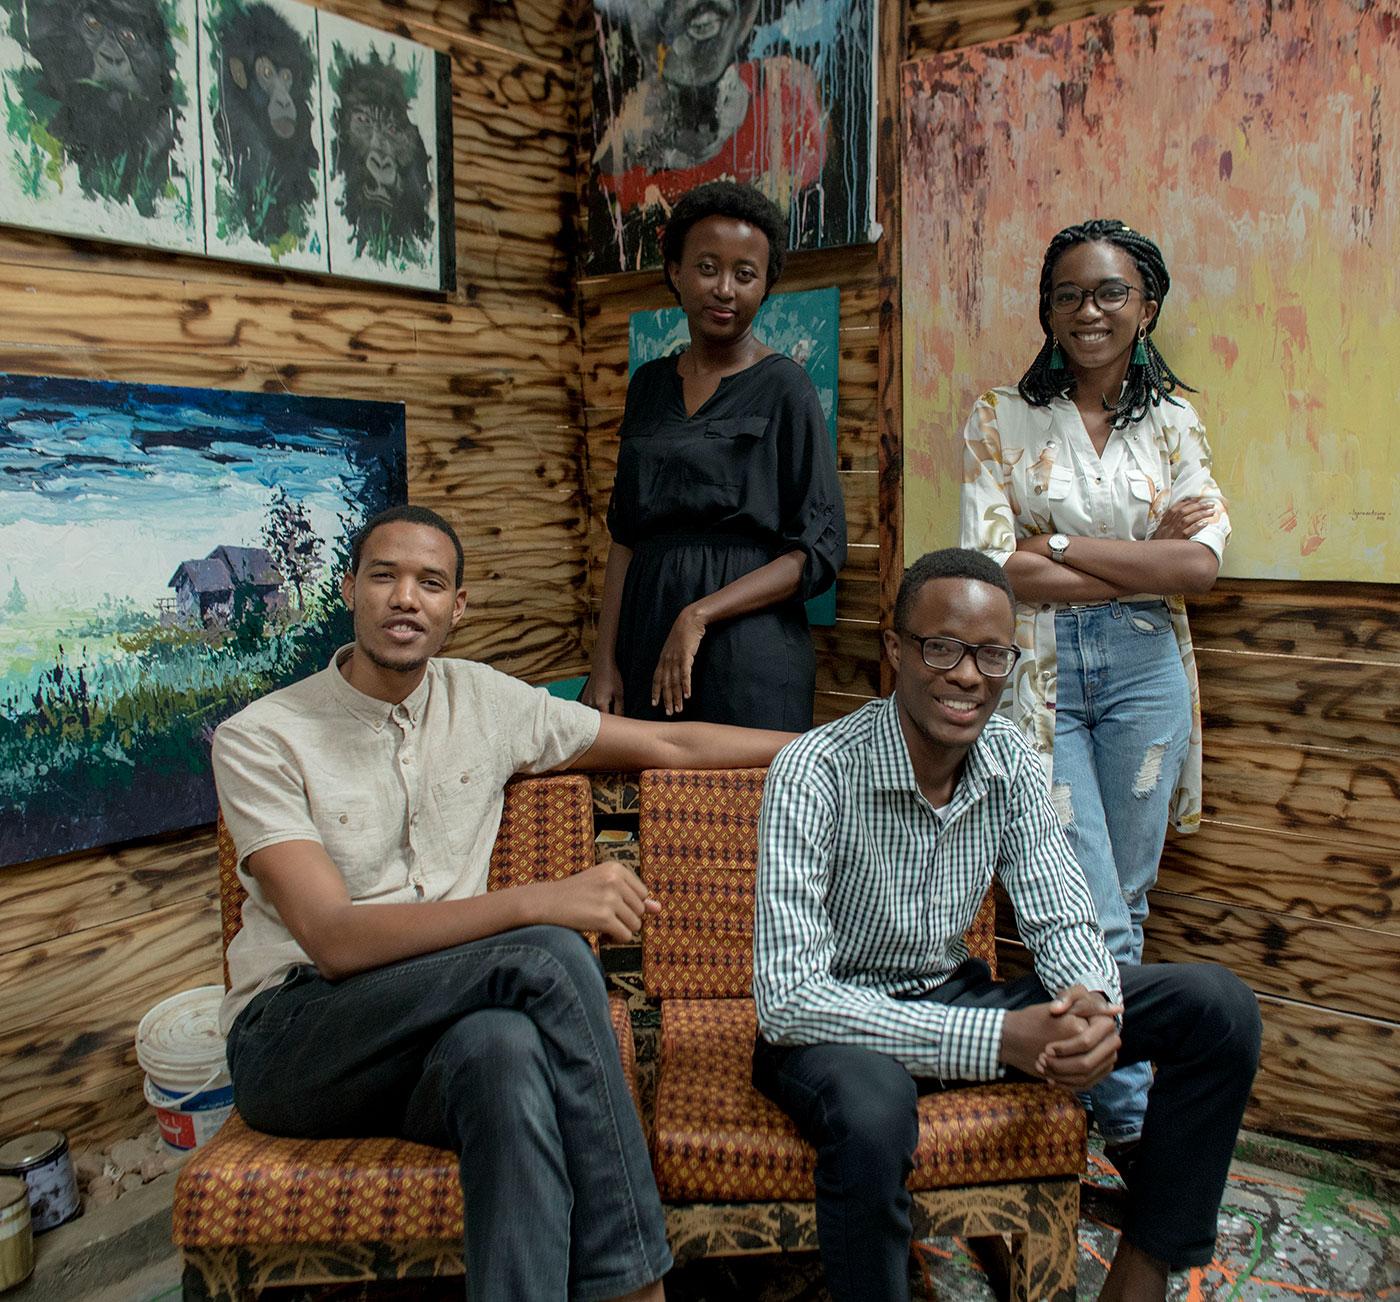 Dominique (arriba a la derecha) y parte de su equipo Imagine We (en el sentido de las agujas del reloj): Aaron Migaywa, Mico Jamal y Lina Ishimwe.